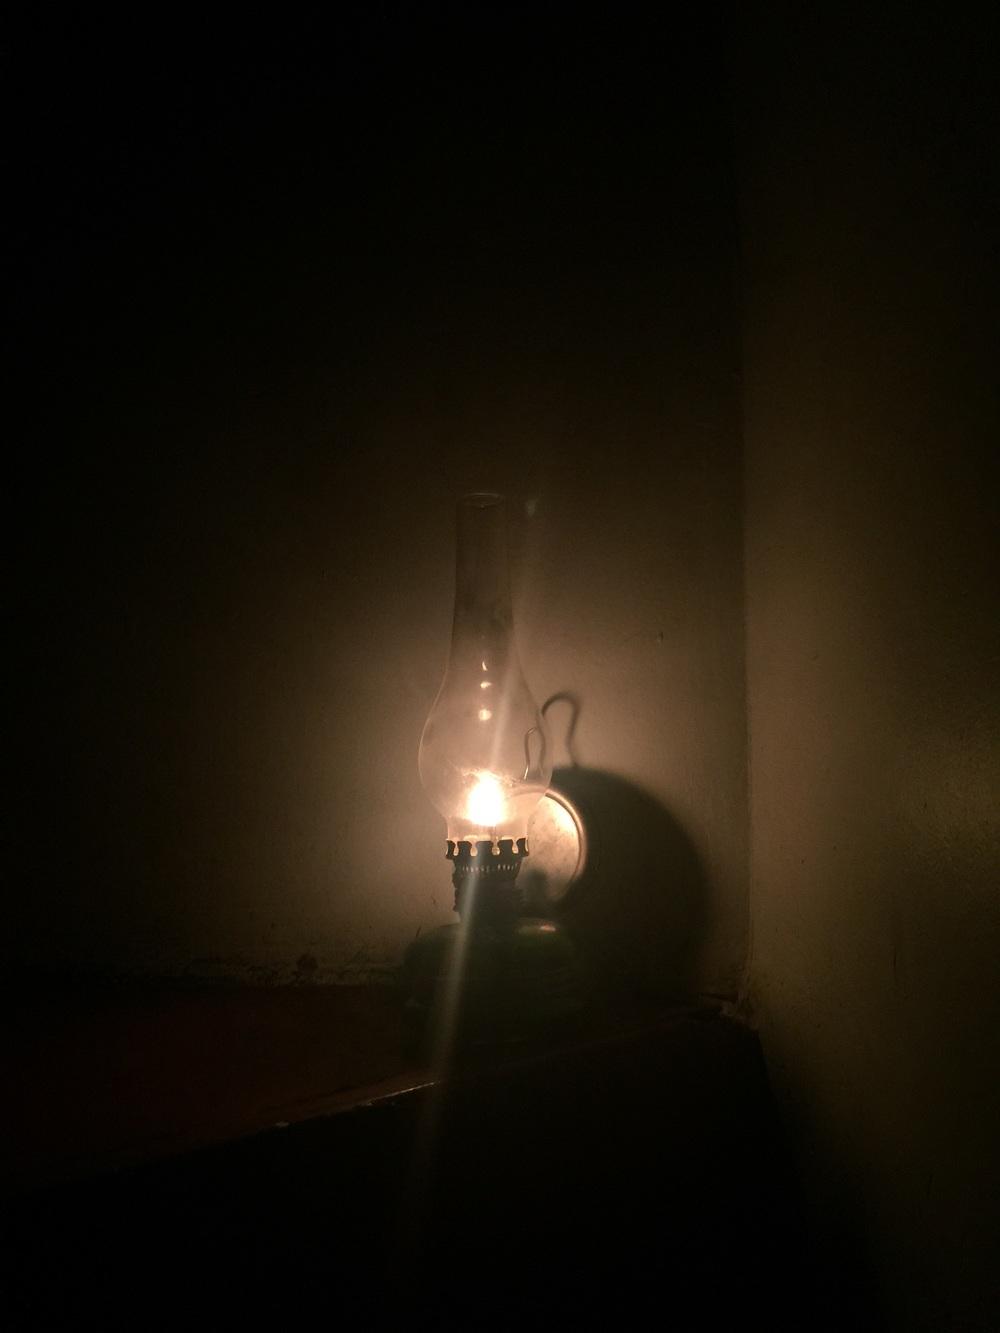 Elektrikler kesildi sehirde mazeretim vardı yarına yetişmeyen ödevlere ....